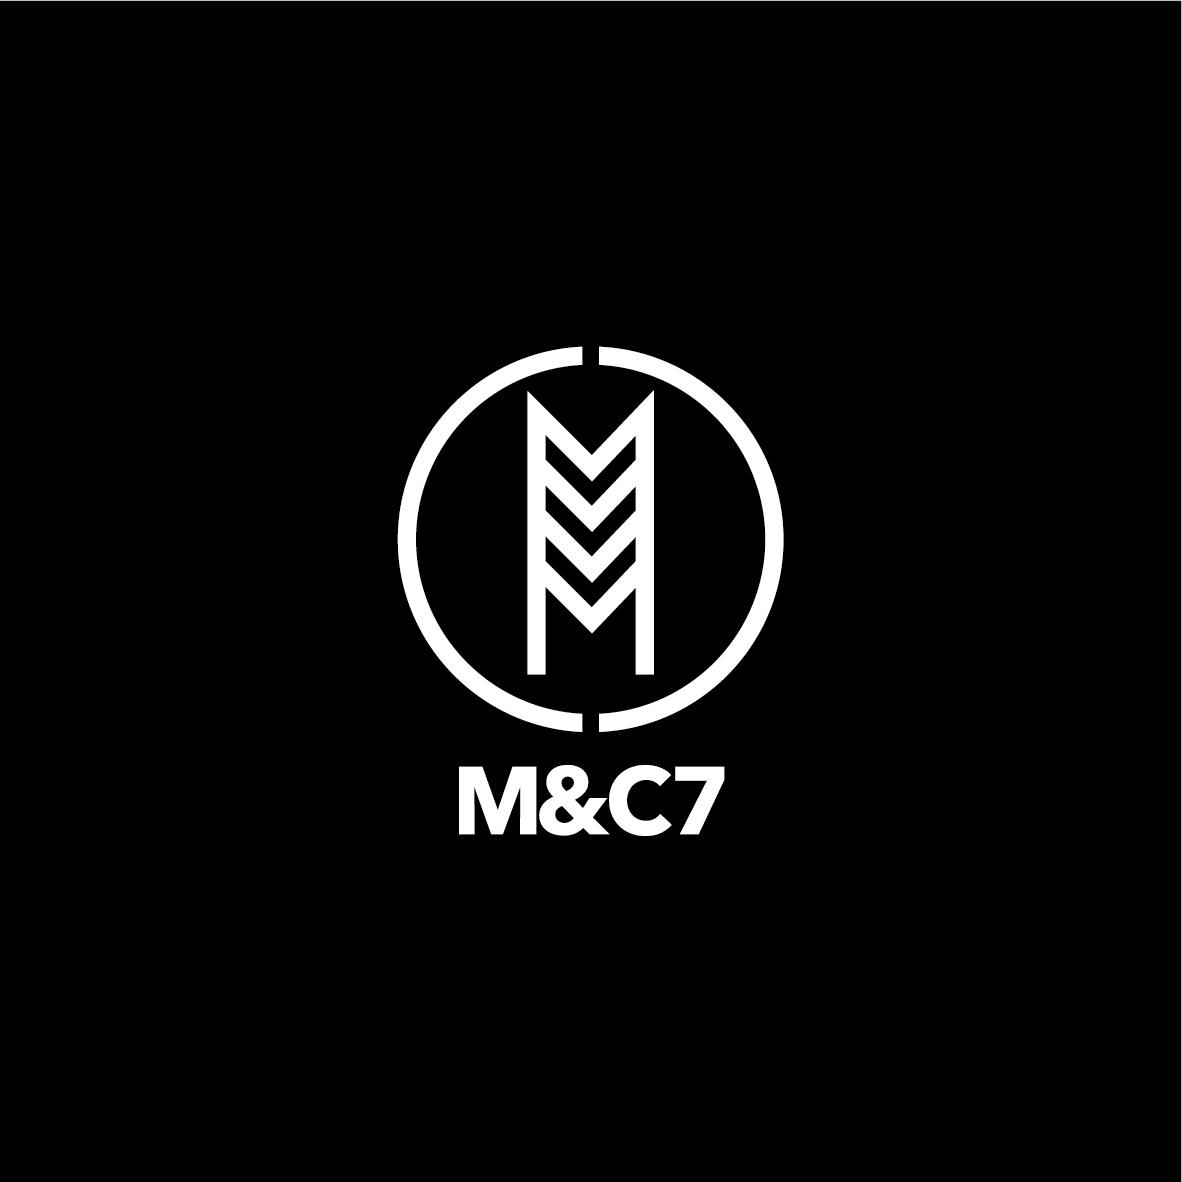 M&C7_Square-04